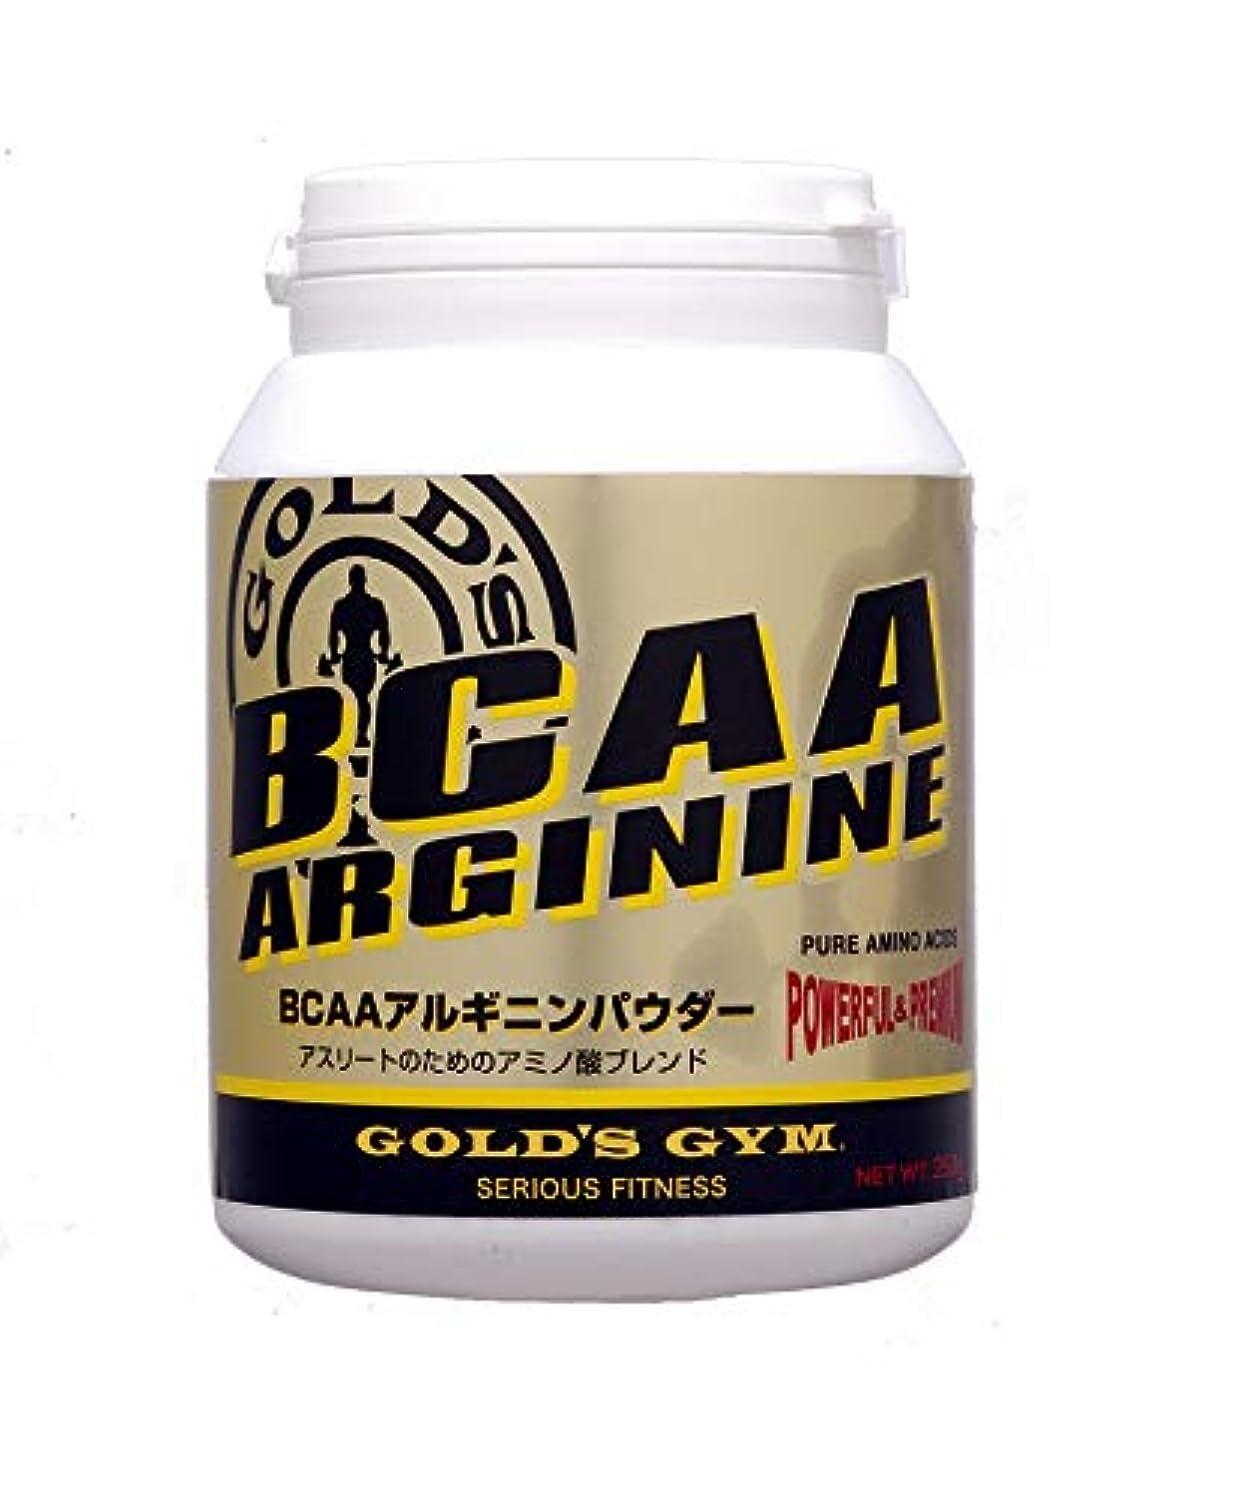 影響現金アシュリータファーマンゴールドジム(GOLD'S GYM) BCAAアルギニンパウダー 400g